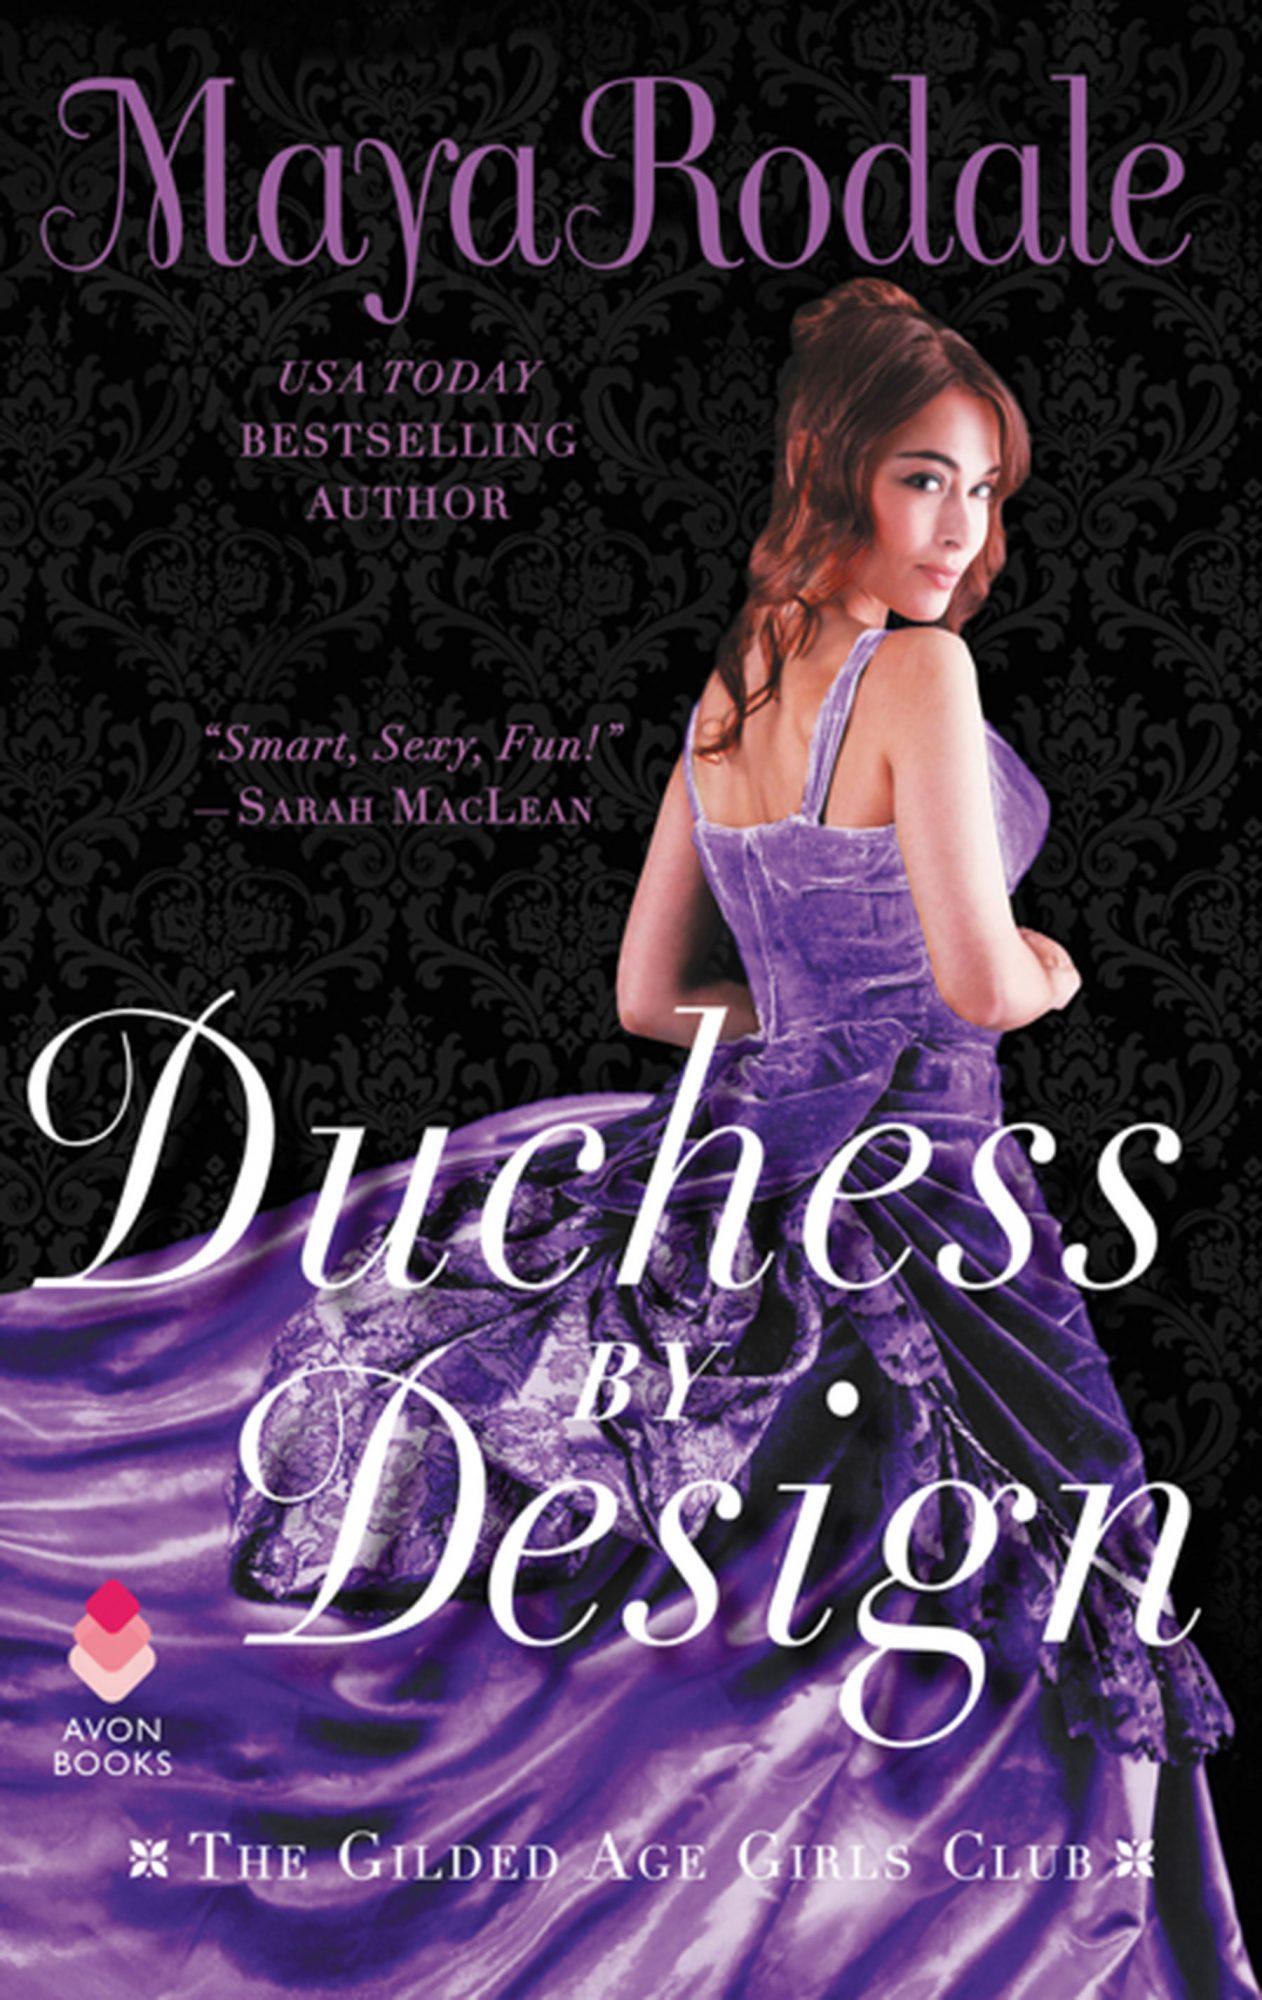 DuchessbyDesign